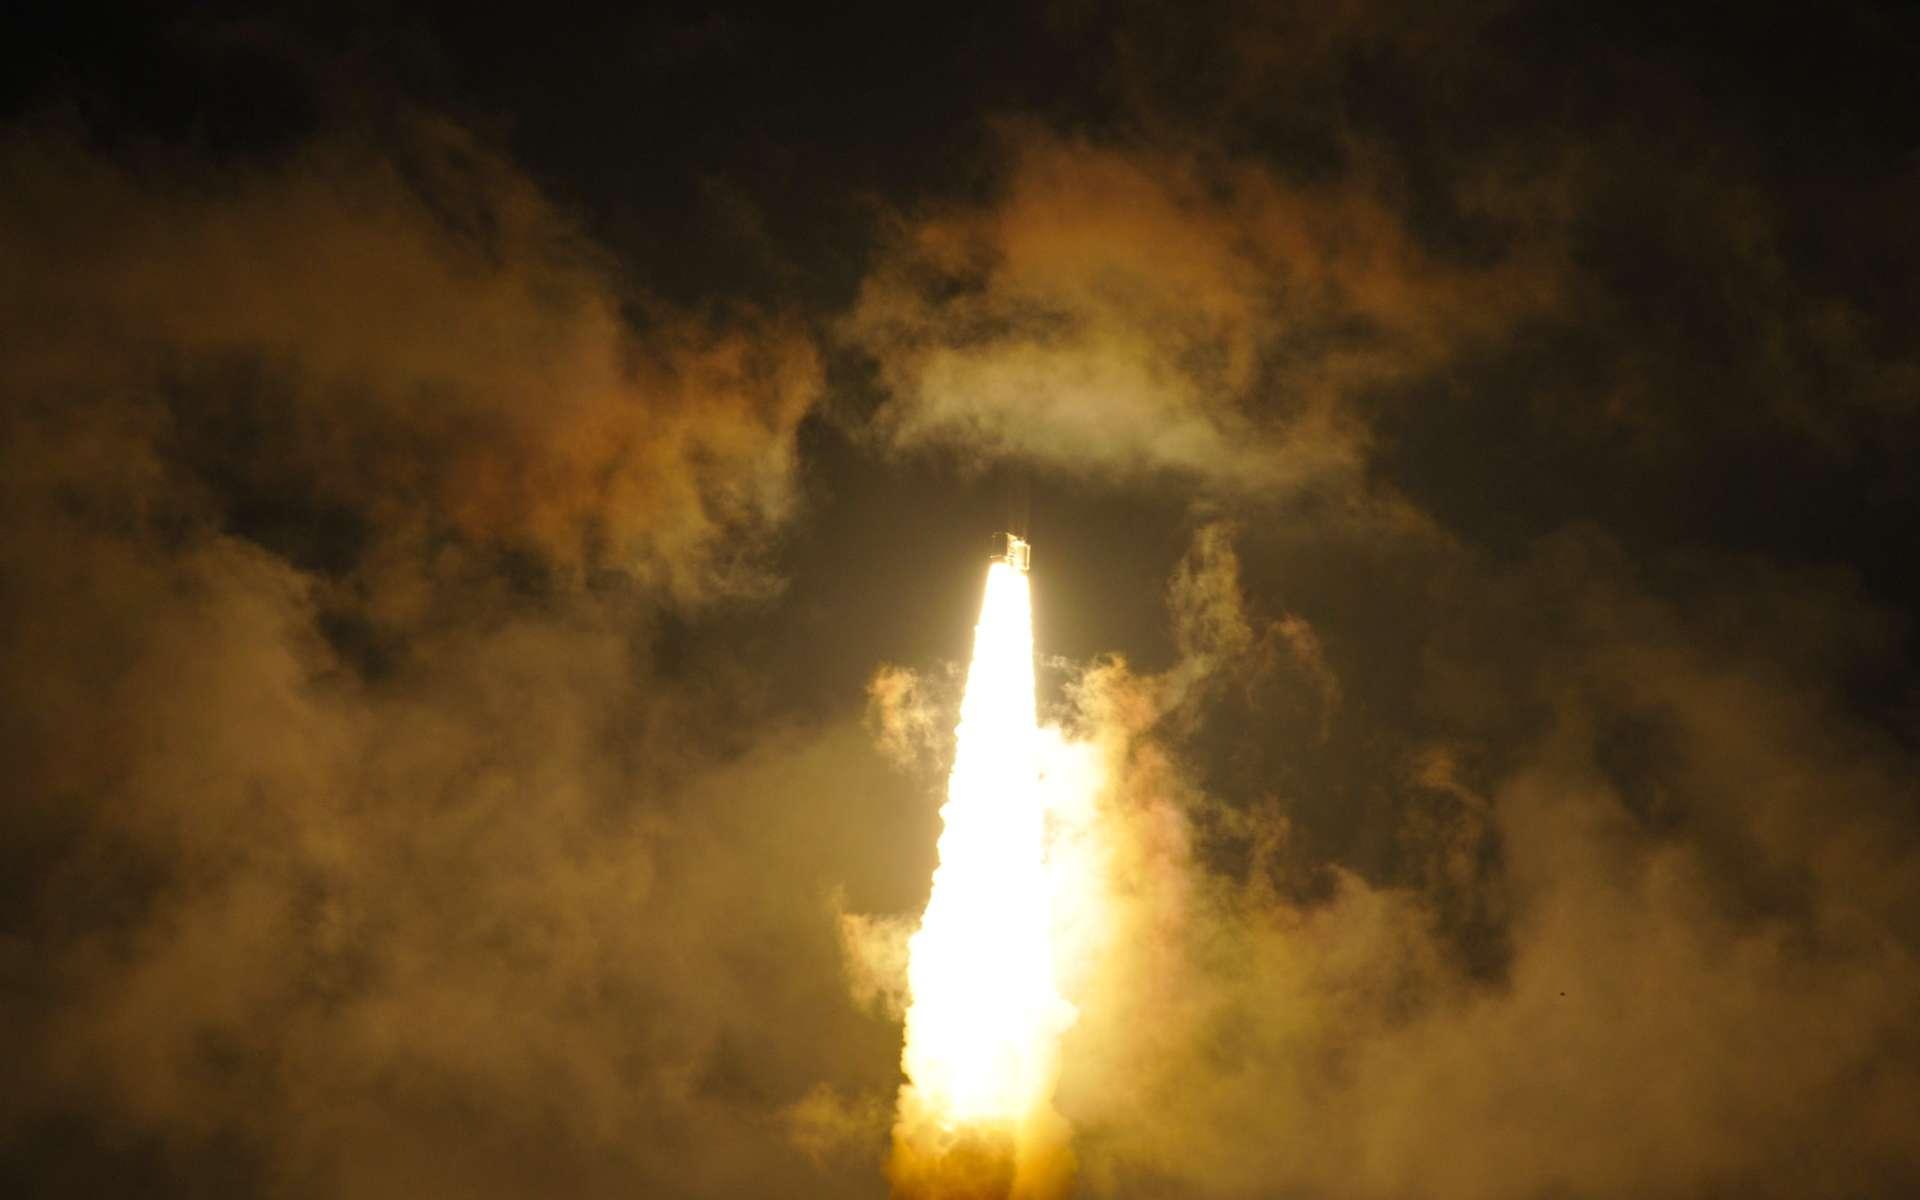 Comme les autres constructeurs de lanceurs engagés dans des programmes de réutilisation, la Chine veut, dans un premier temps, récupérer la partie basse du lanceur CZ-8. © Rémy Decourt